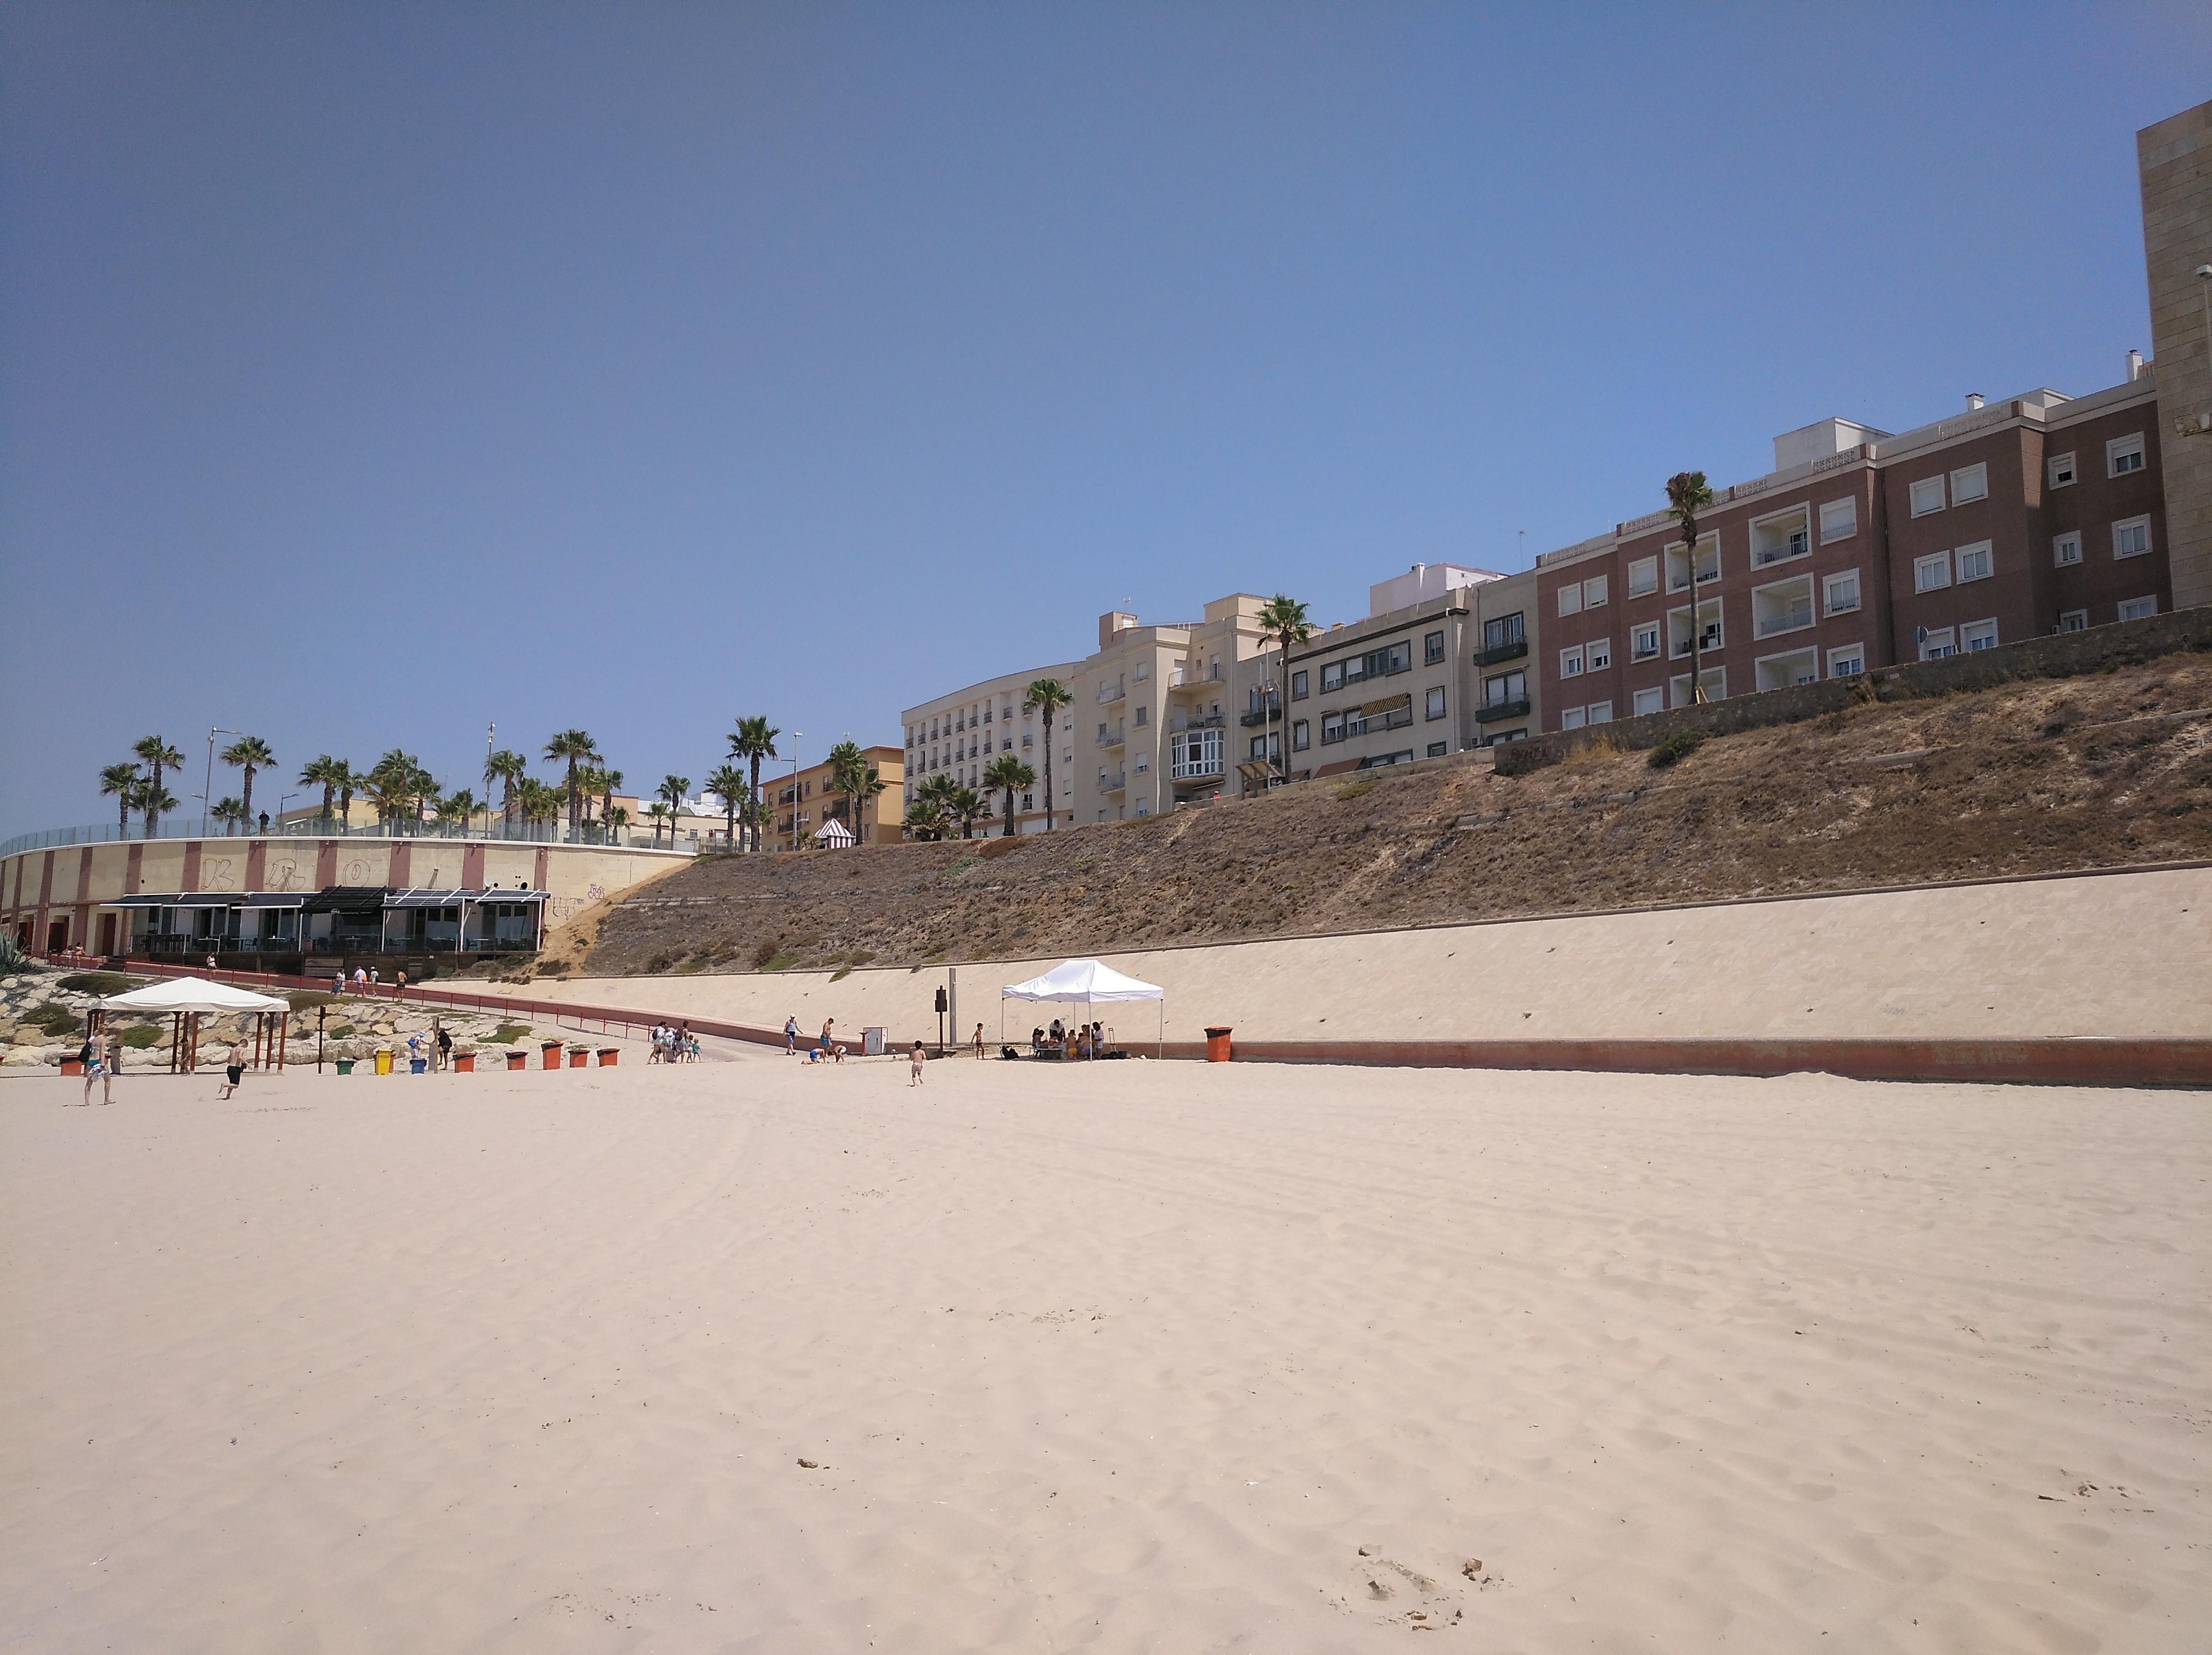 Playa de Santa Maria Cadiz